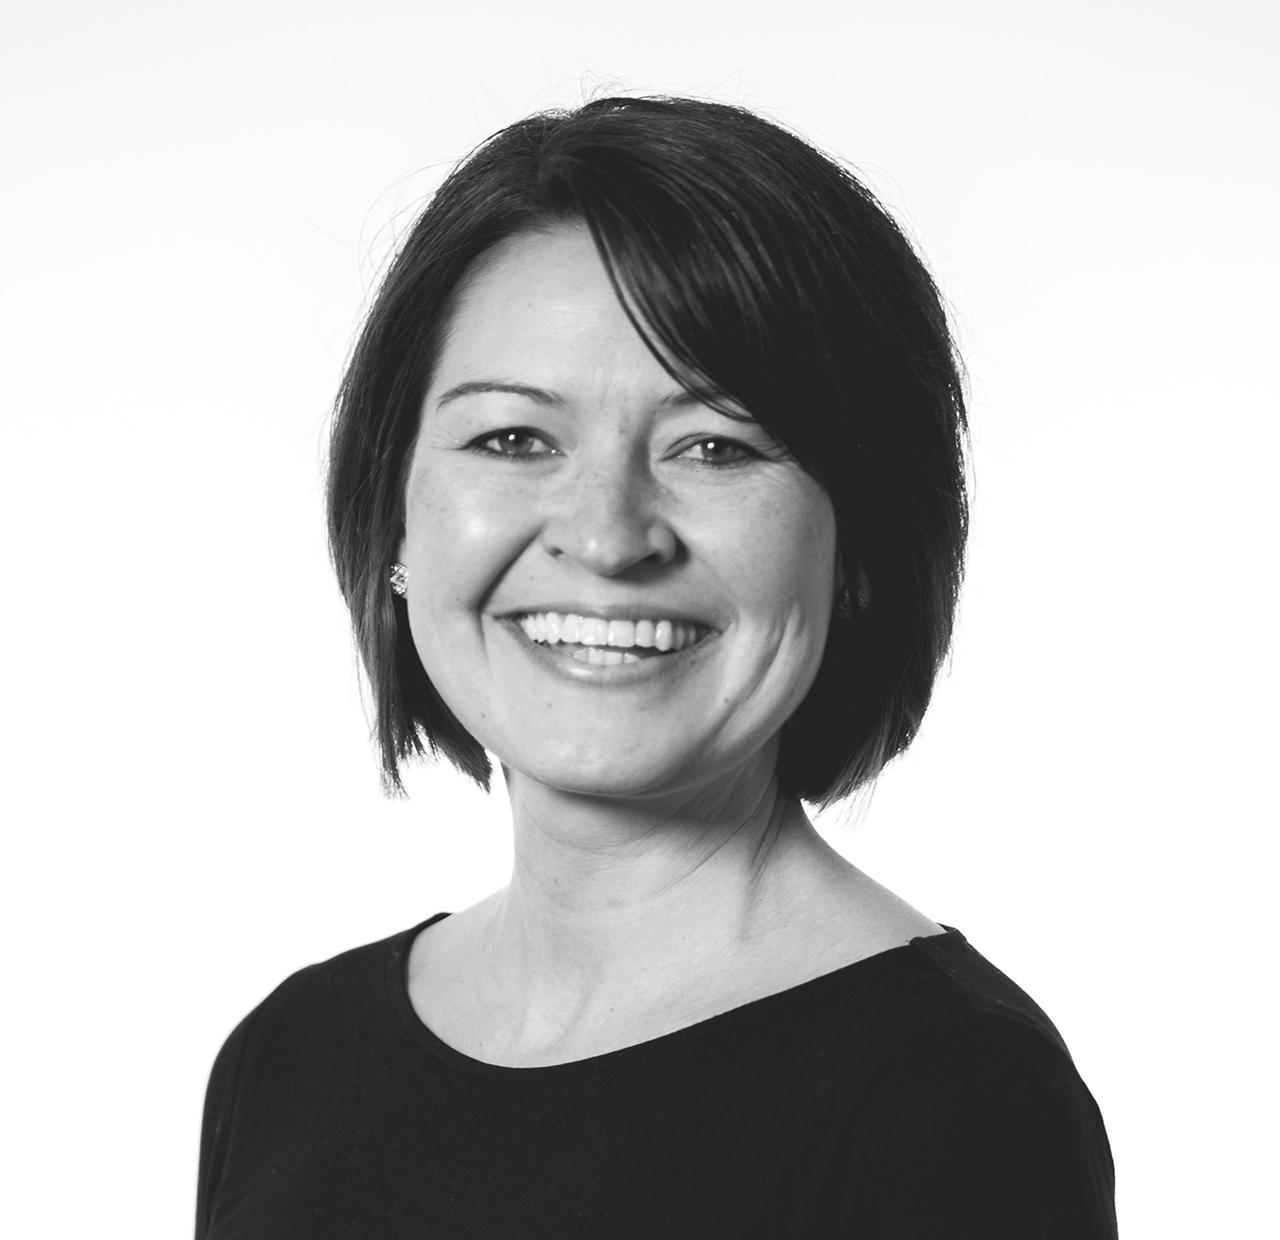 Margrethe Høgeid Fernandez